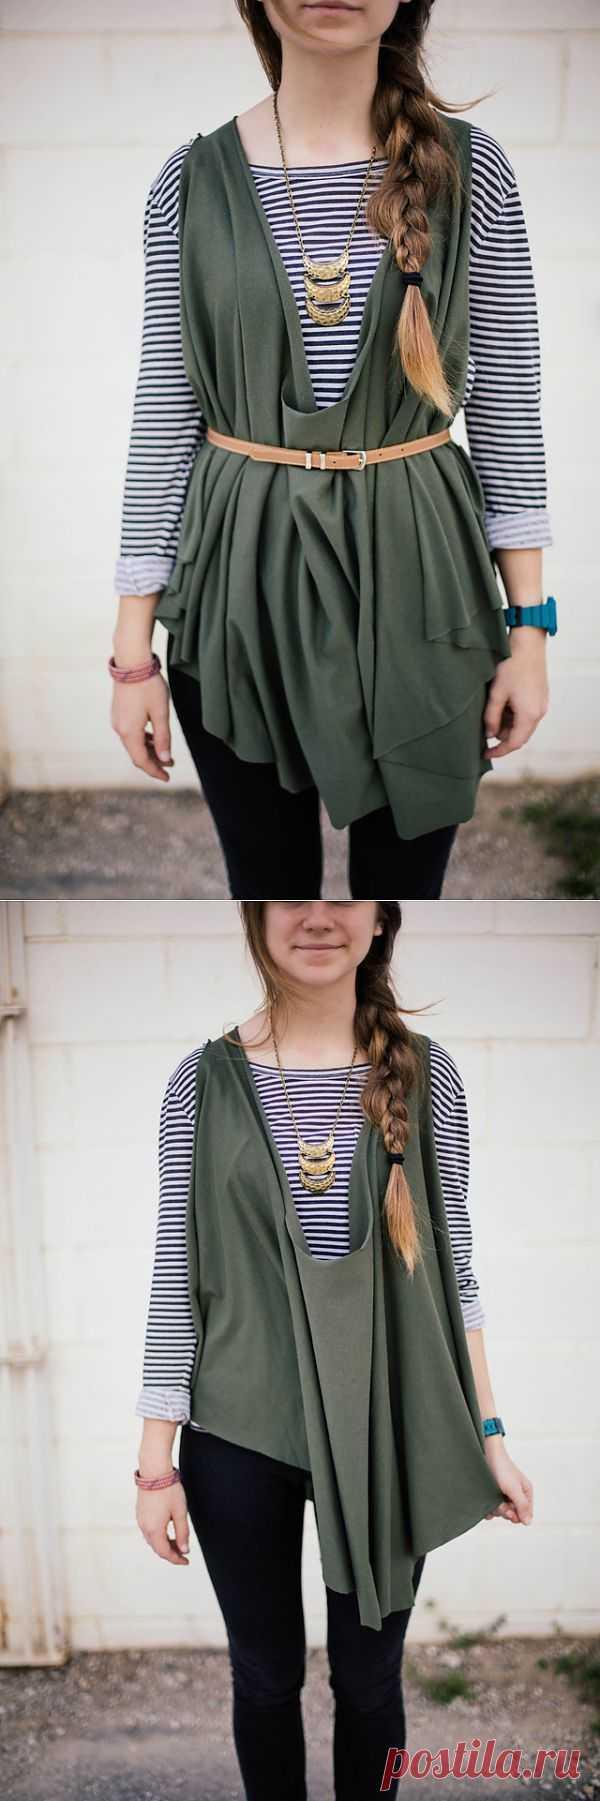 Хламида (выкройка) / Простые выкройки / Модный сайт о стильной переделке одежды и интерьера